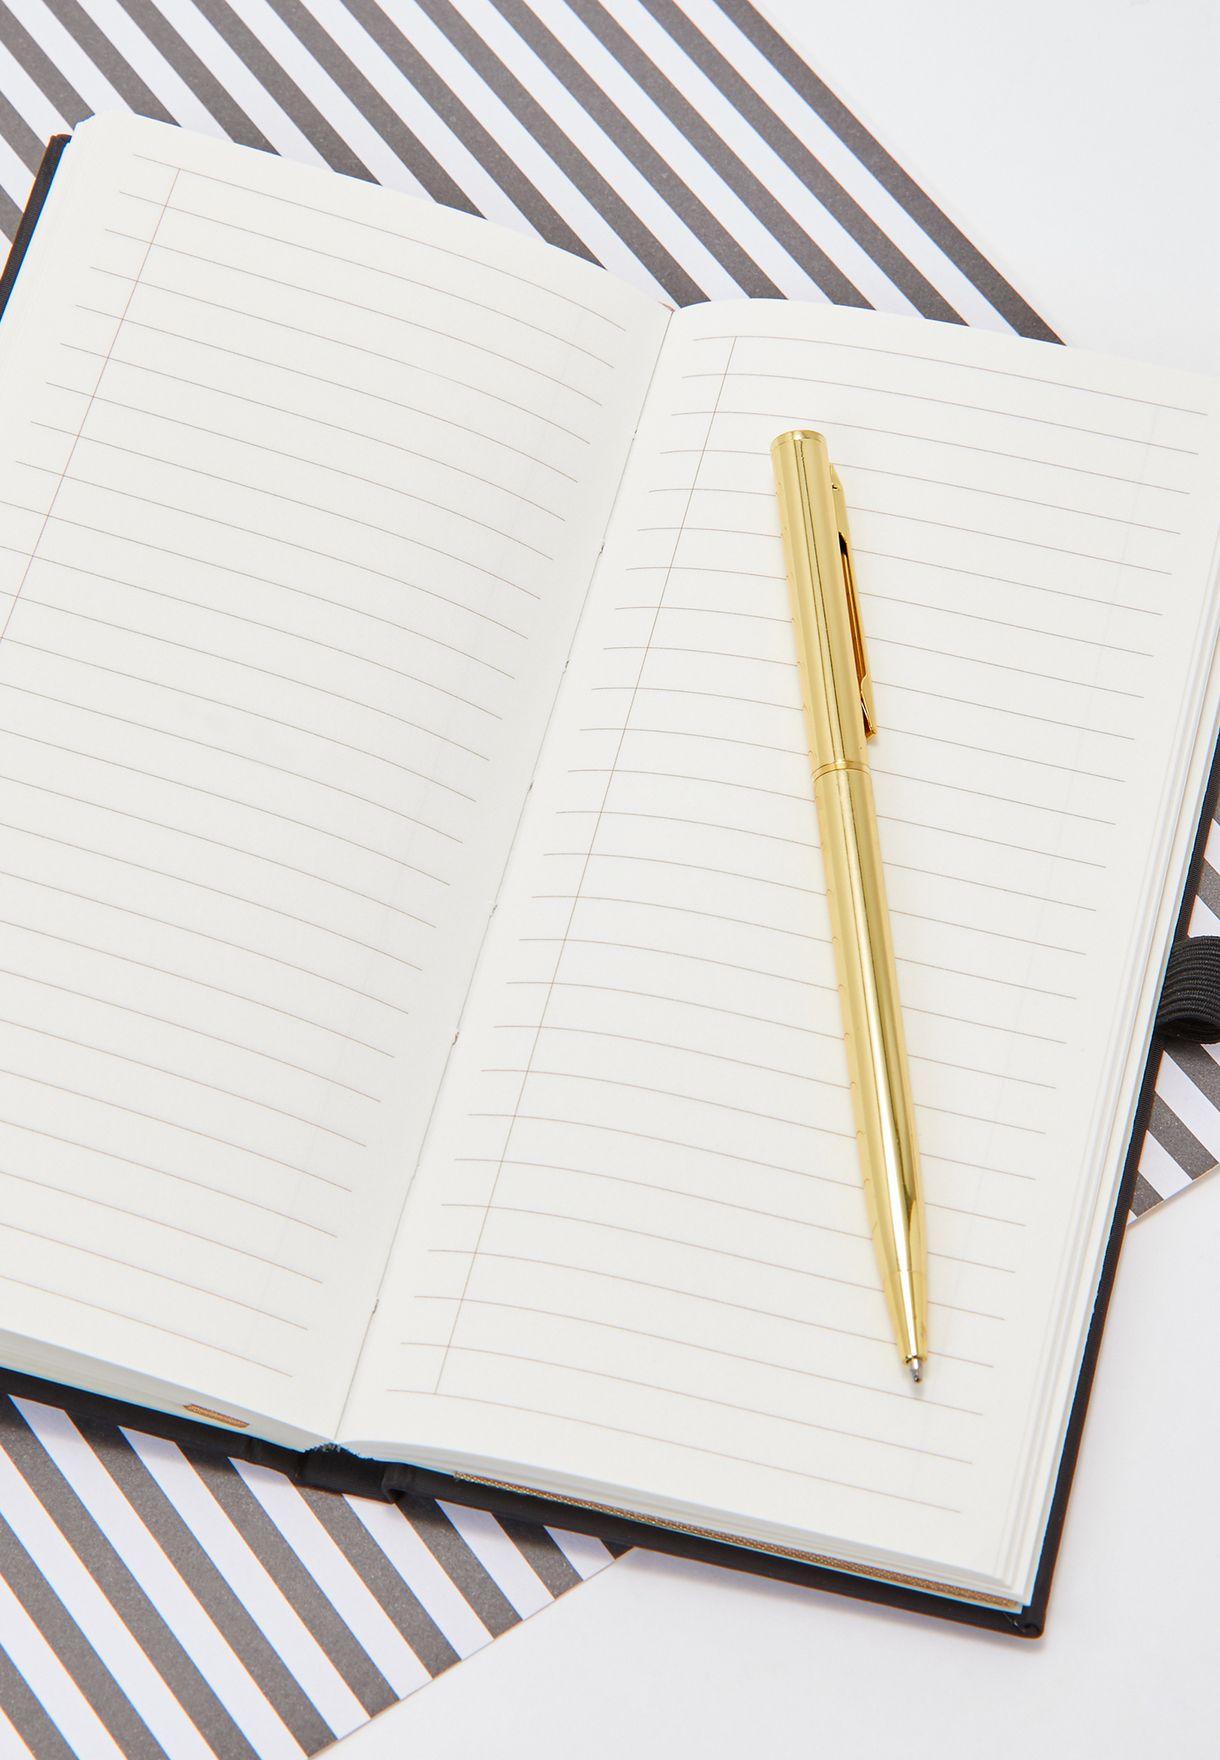 دقتر ملاحظات  مع قلم